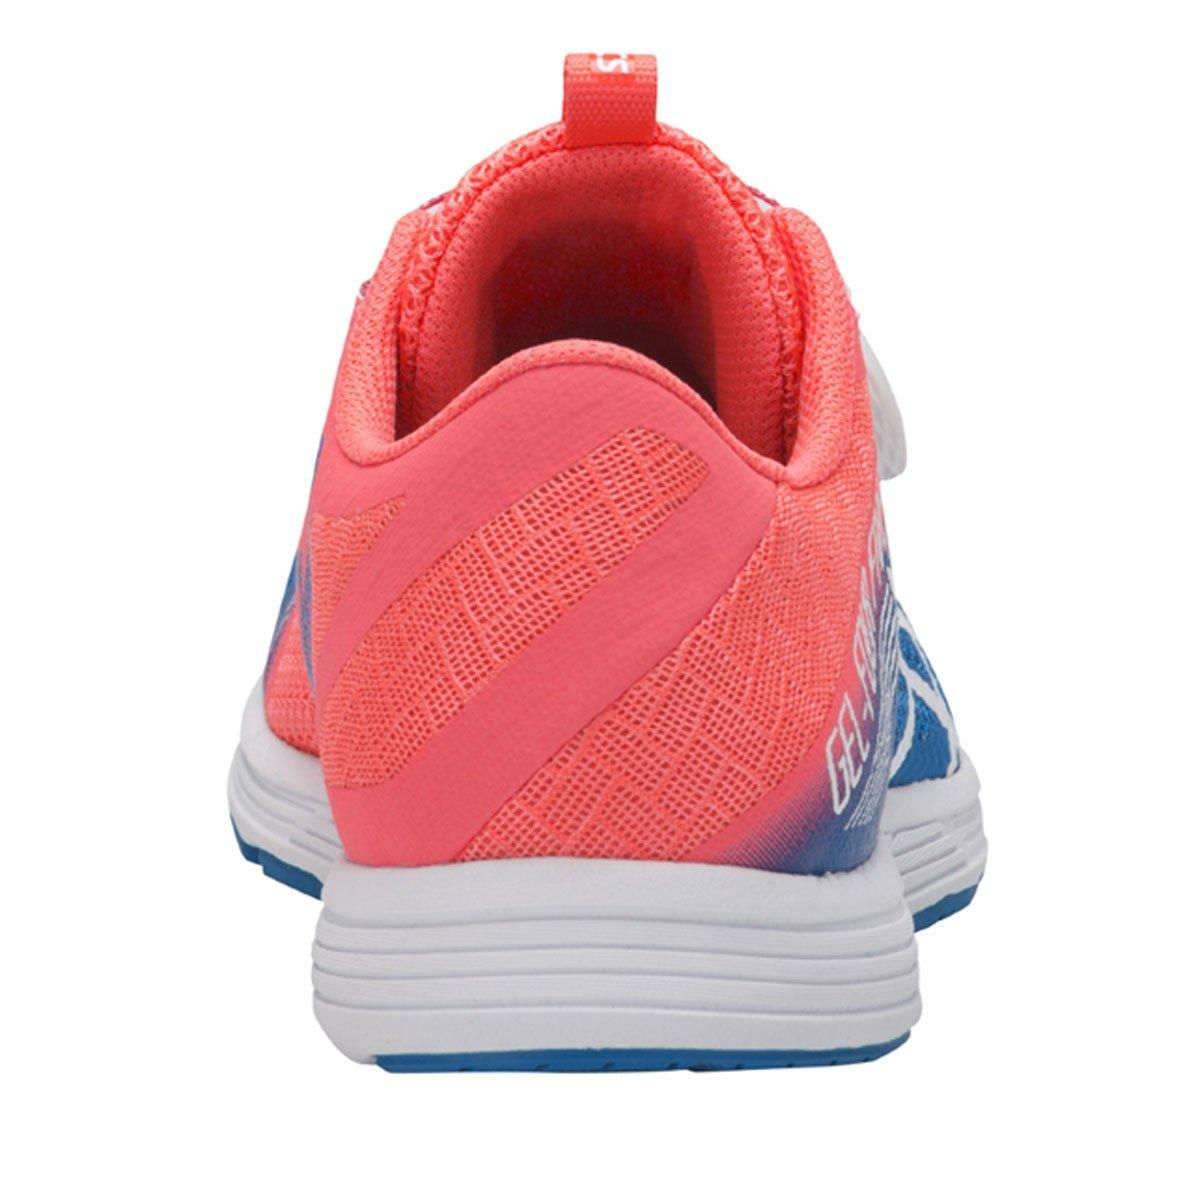 Zapatillas ASICS GEL 451 coral blanco azul mujer